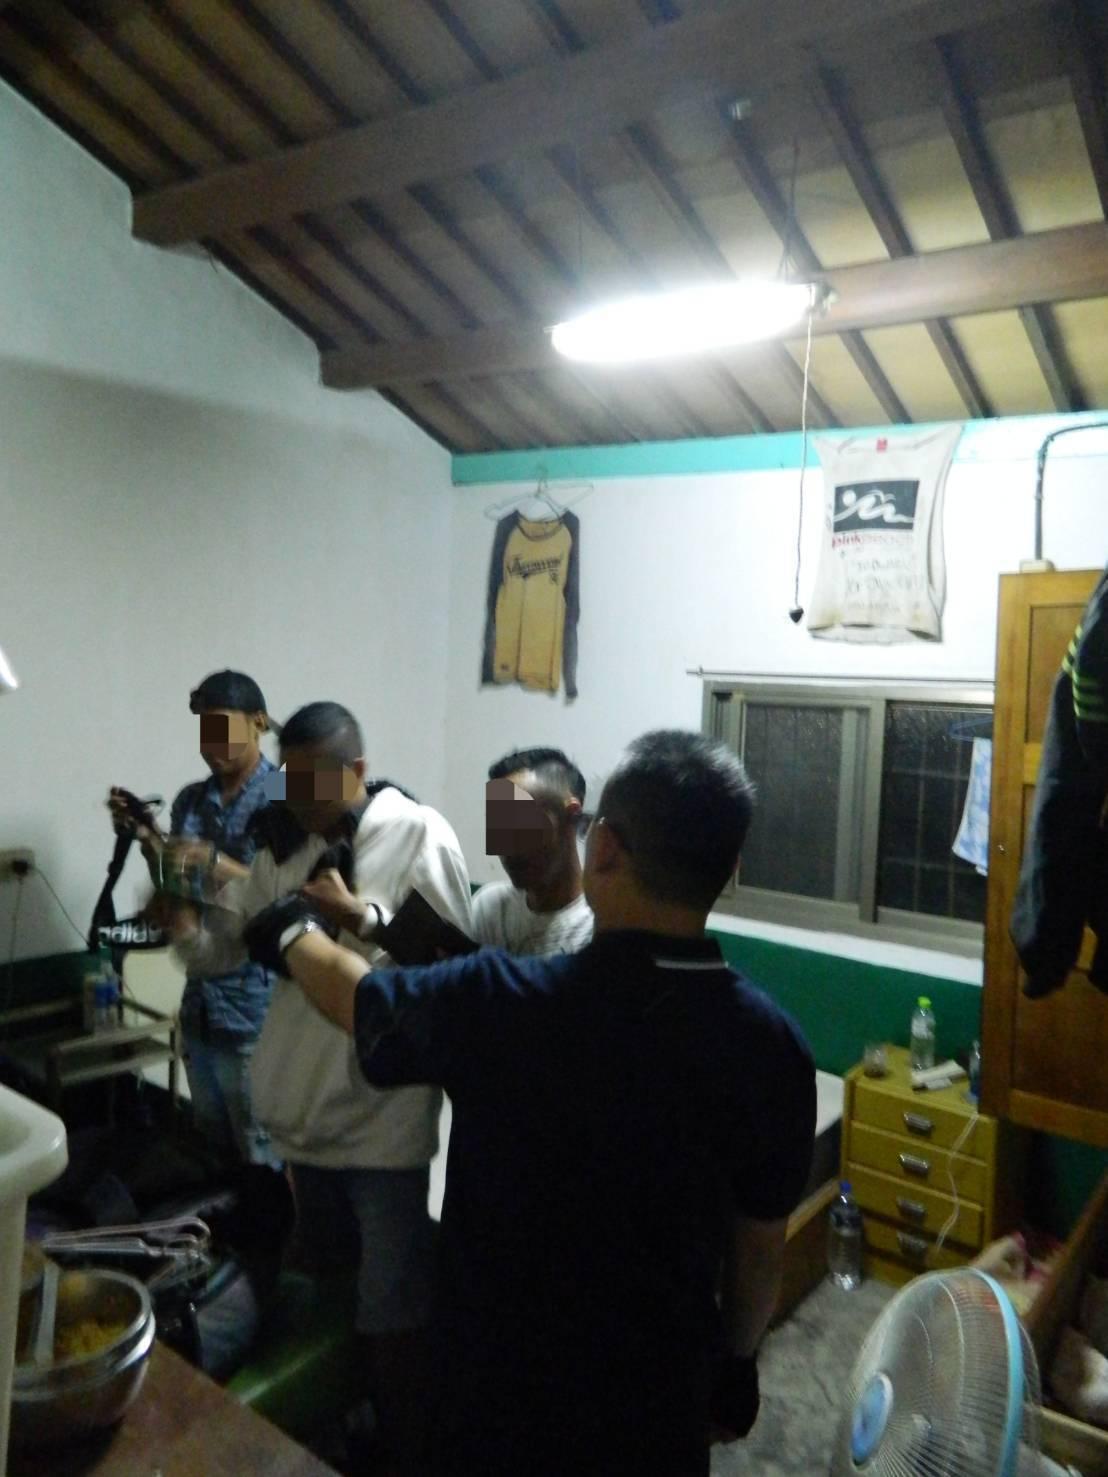 嘉縣專勤隊在鹿草鄉查獲1名非法雇主及6名越南印尼移工。記者魯永明/翻攝